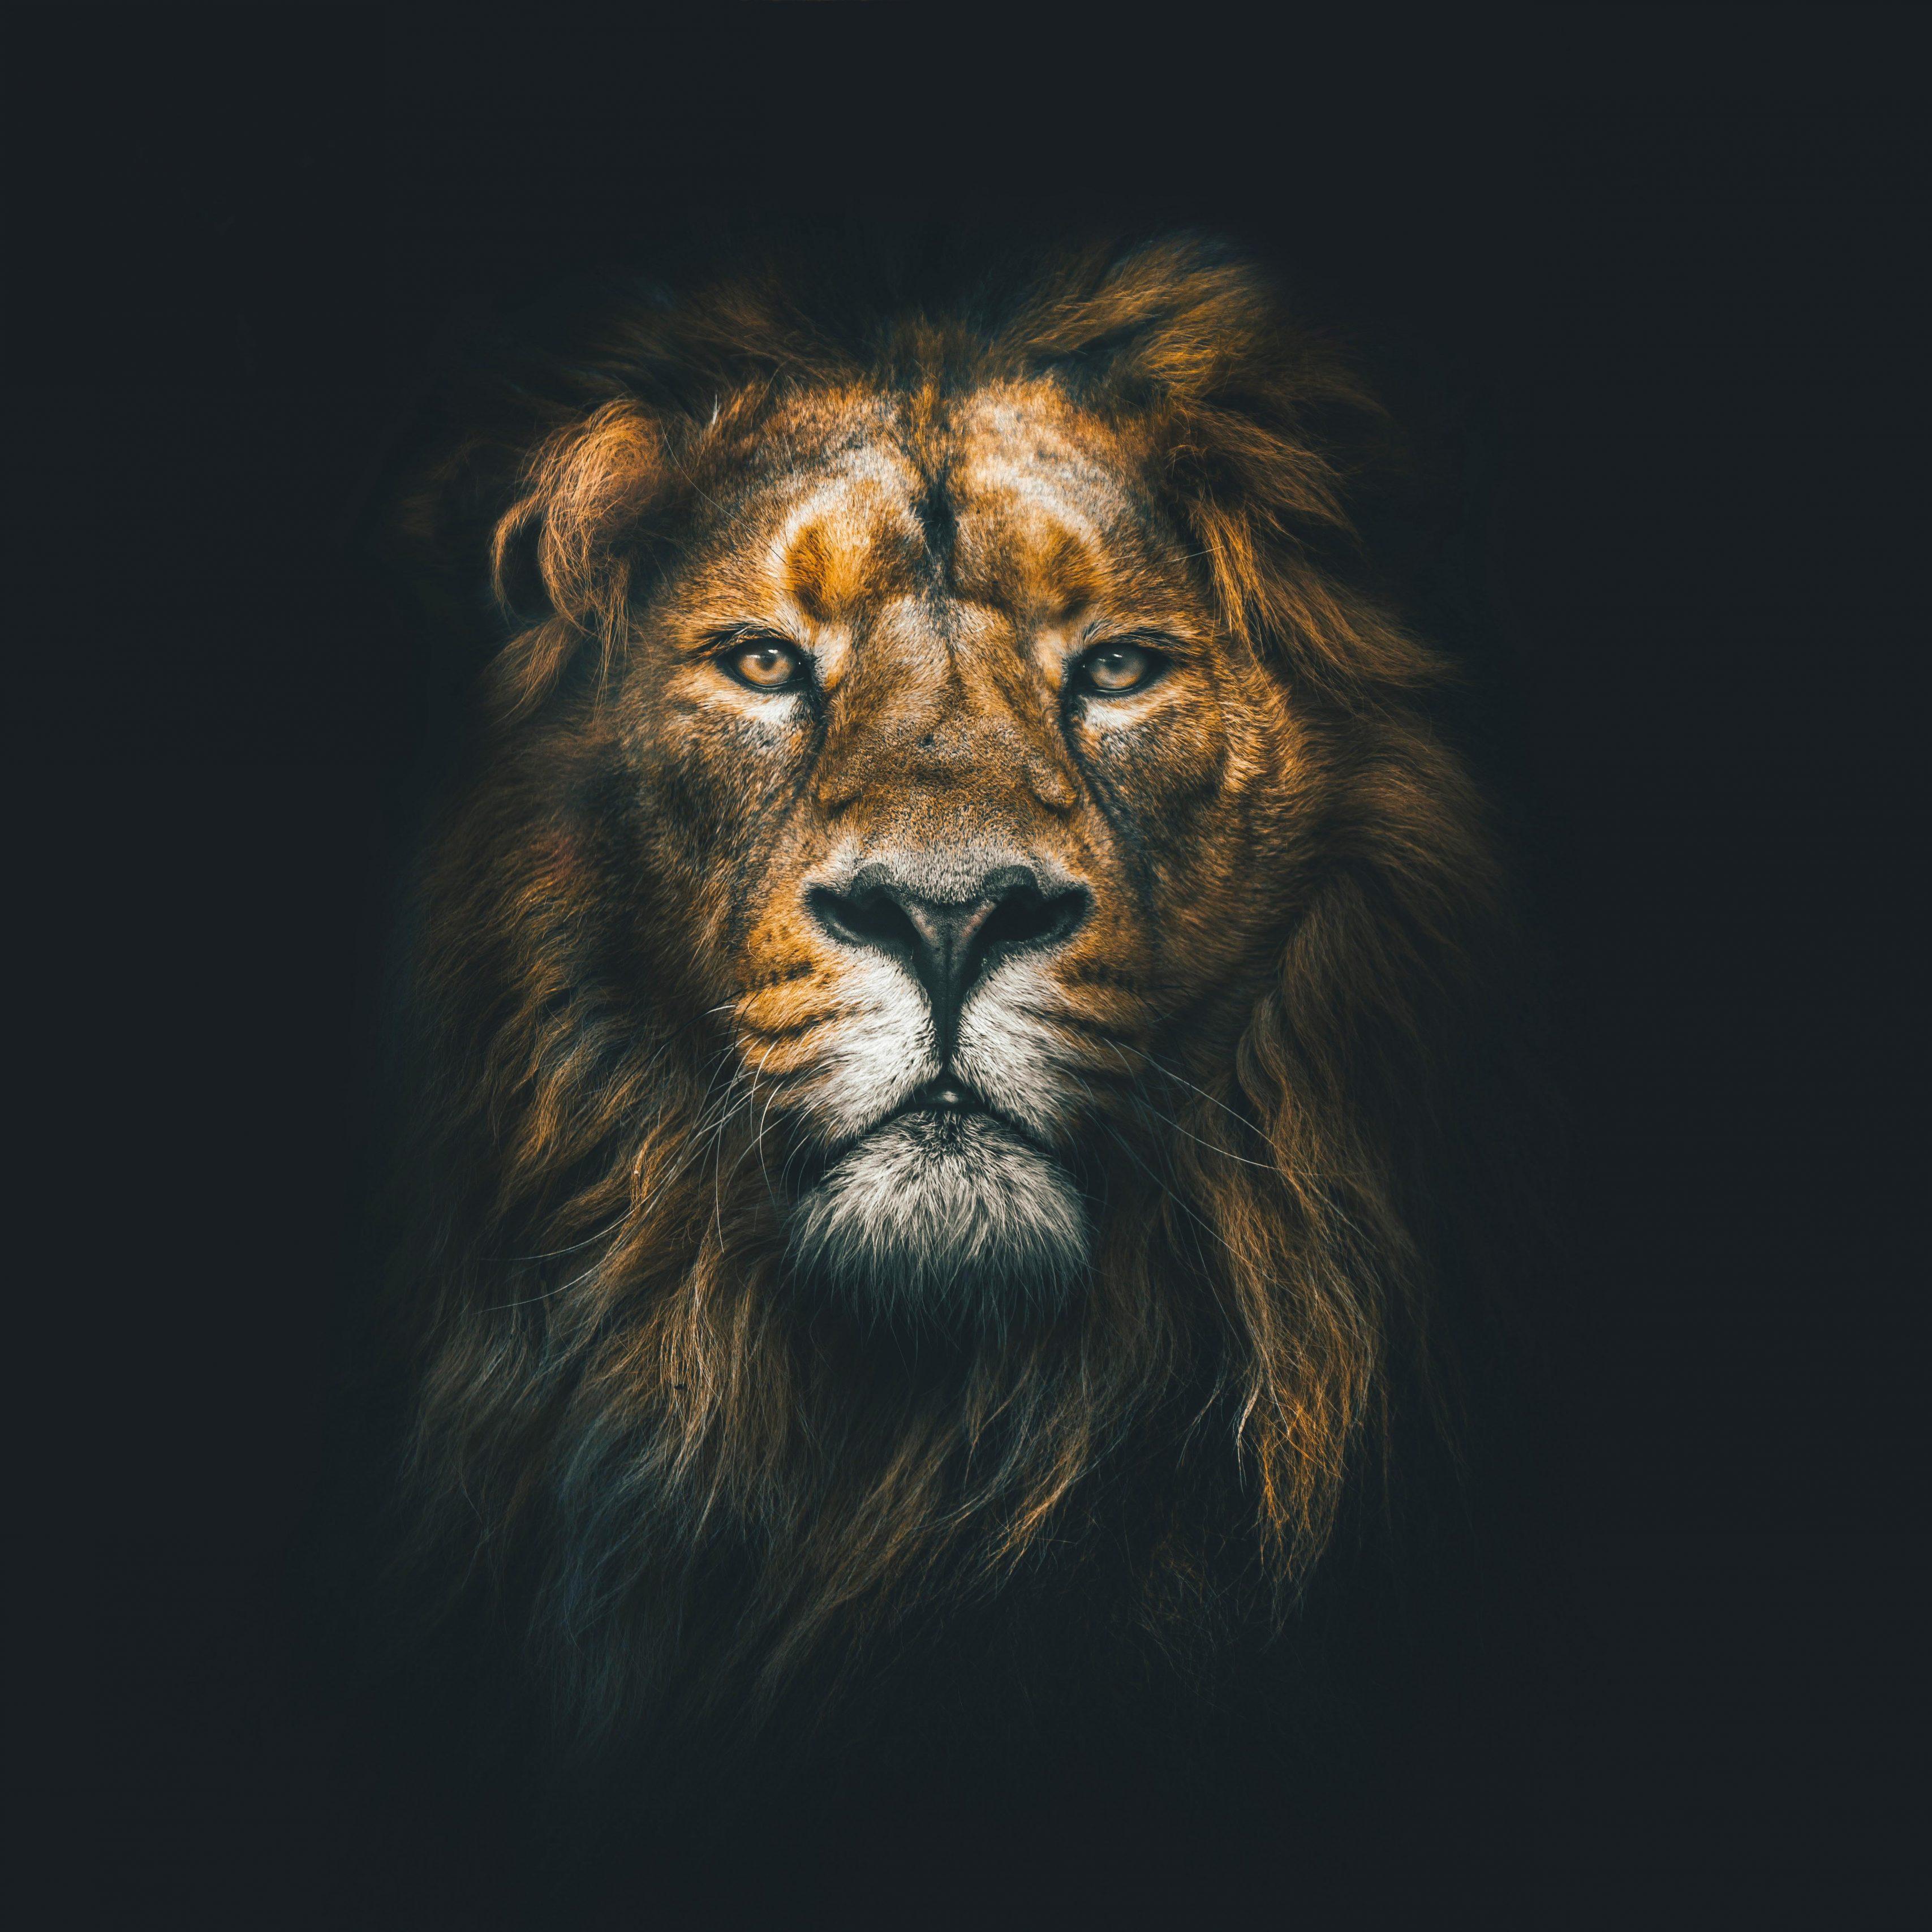 8k Animal Wallpaper Download: Lion Face Closeup Wild Animal Wildlife 8K Wallpaper